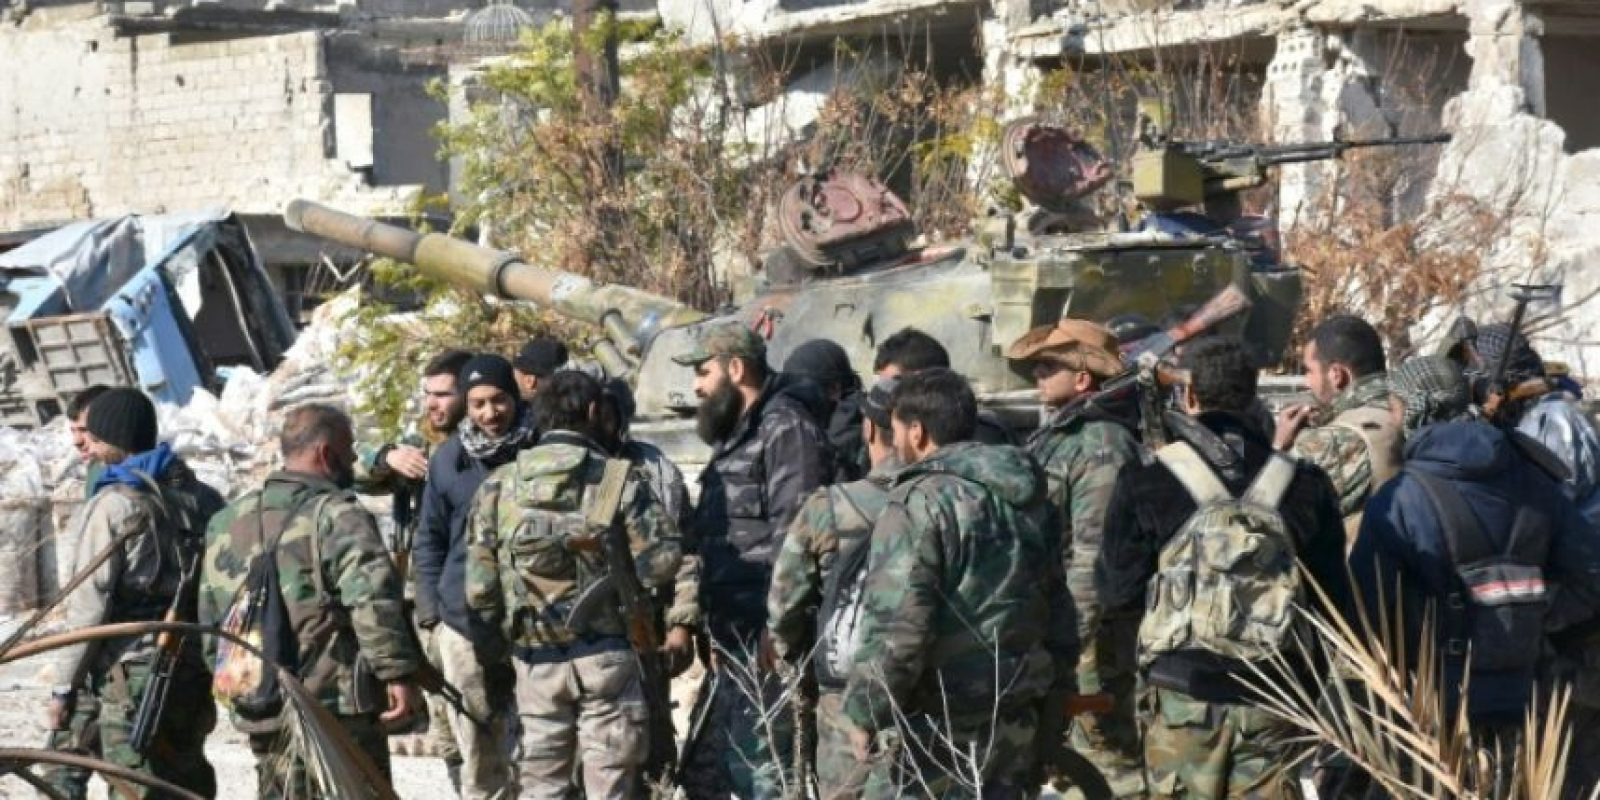 Las fuerzas progubernamentales sirias se concentran el 4 de diciembre de 2016 en el barrio de Myessar de Alepo, en el marco para recuperar el control de la totalidad de la segunda ciudad del país Foto:George Ourfalian/afp.com